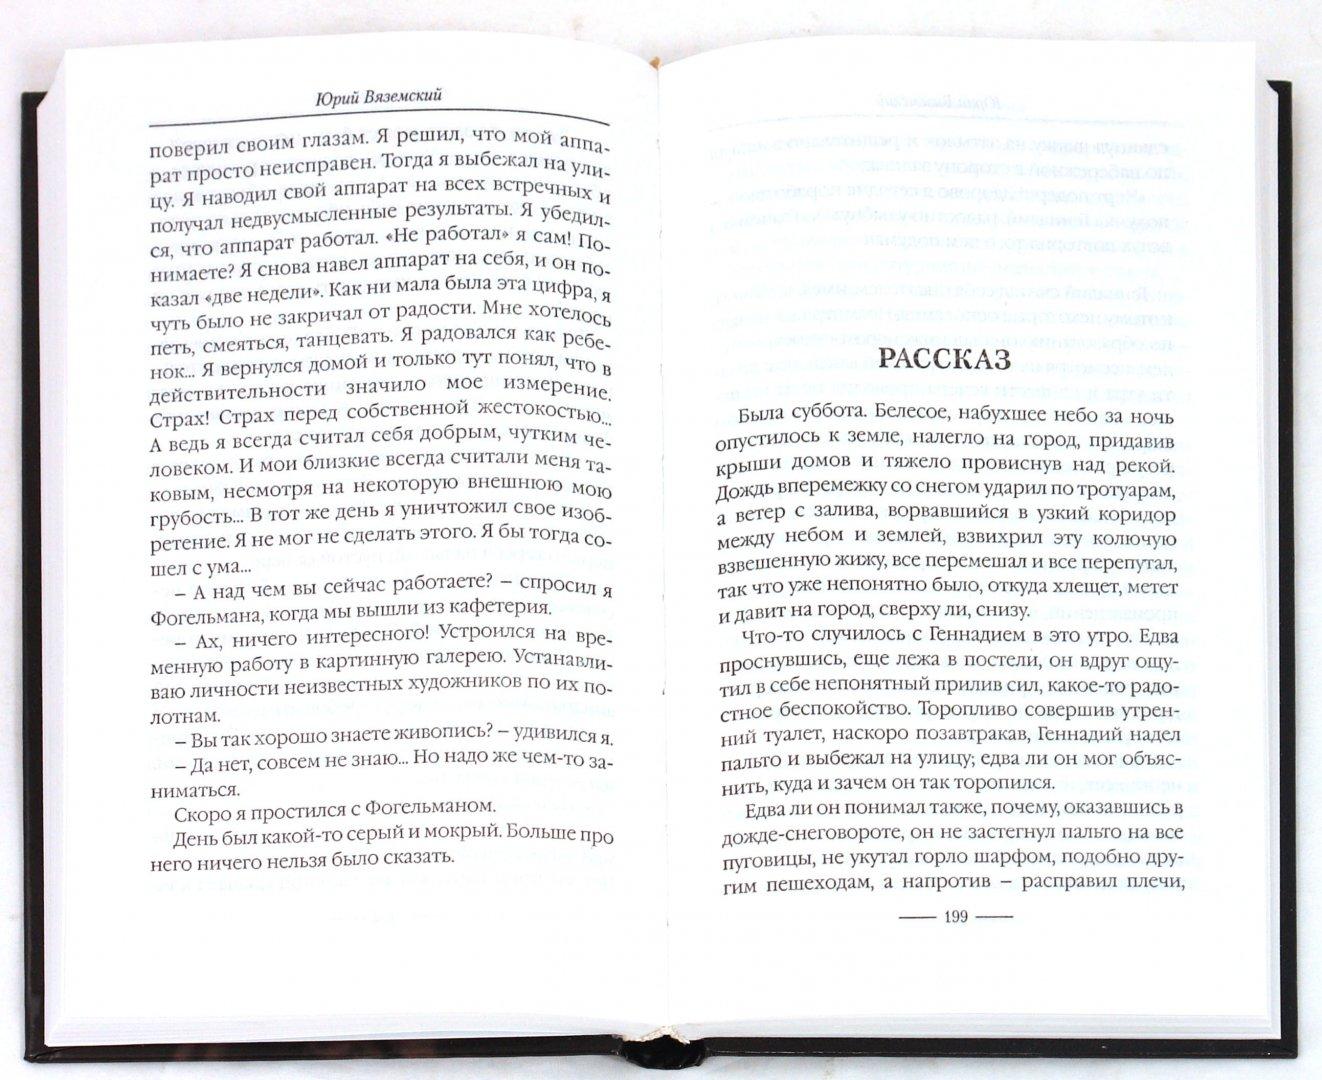 Иллюстрация 1 из 4 для Странные умники - Юрий Вяземский | Лабиринт - книги. Источник: Лабиринт